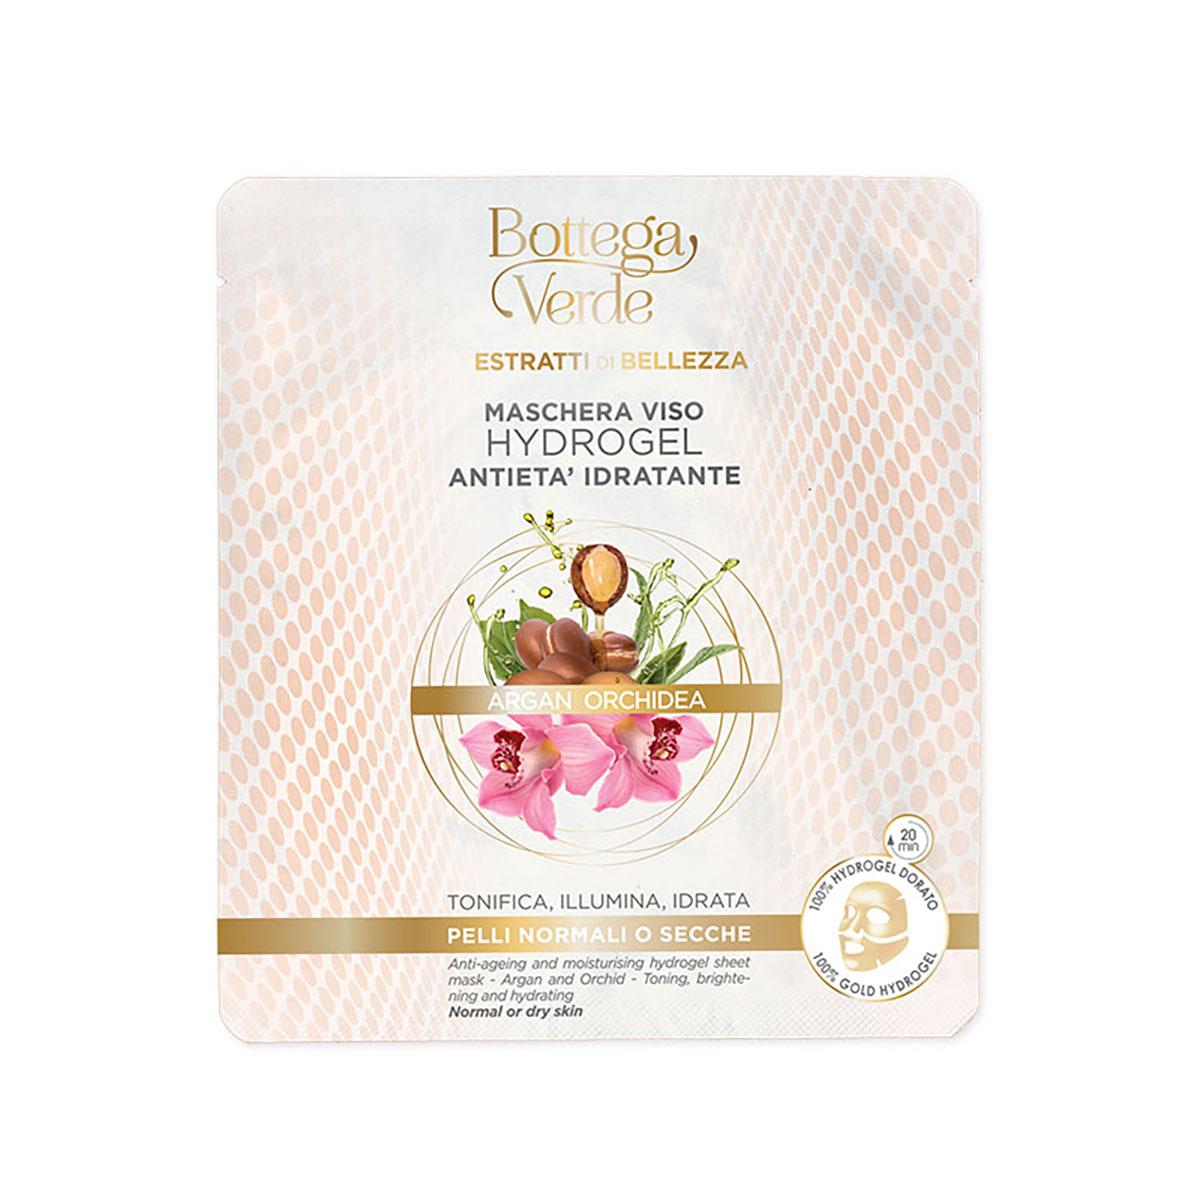 Masca Hydrogel hidratanta, anti-imbatraniere, pentru ten uscat si normal, cu extract de orhidee si ulei de argan imagine